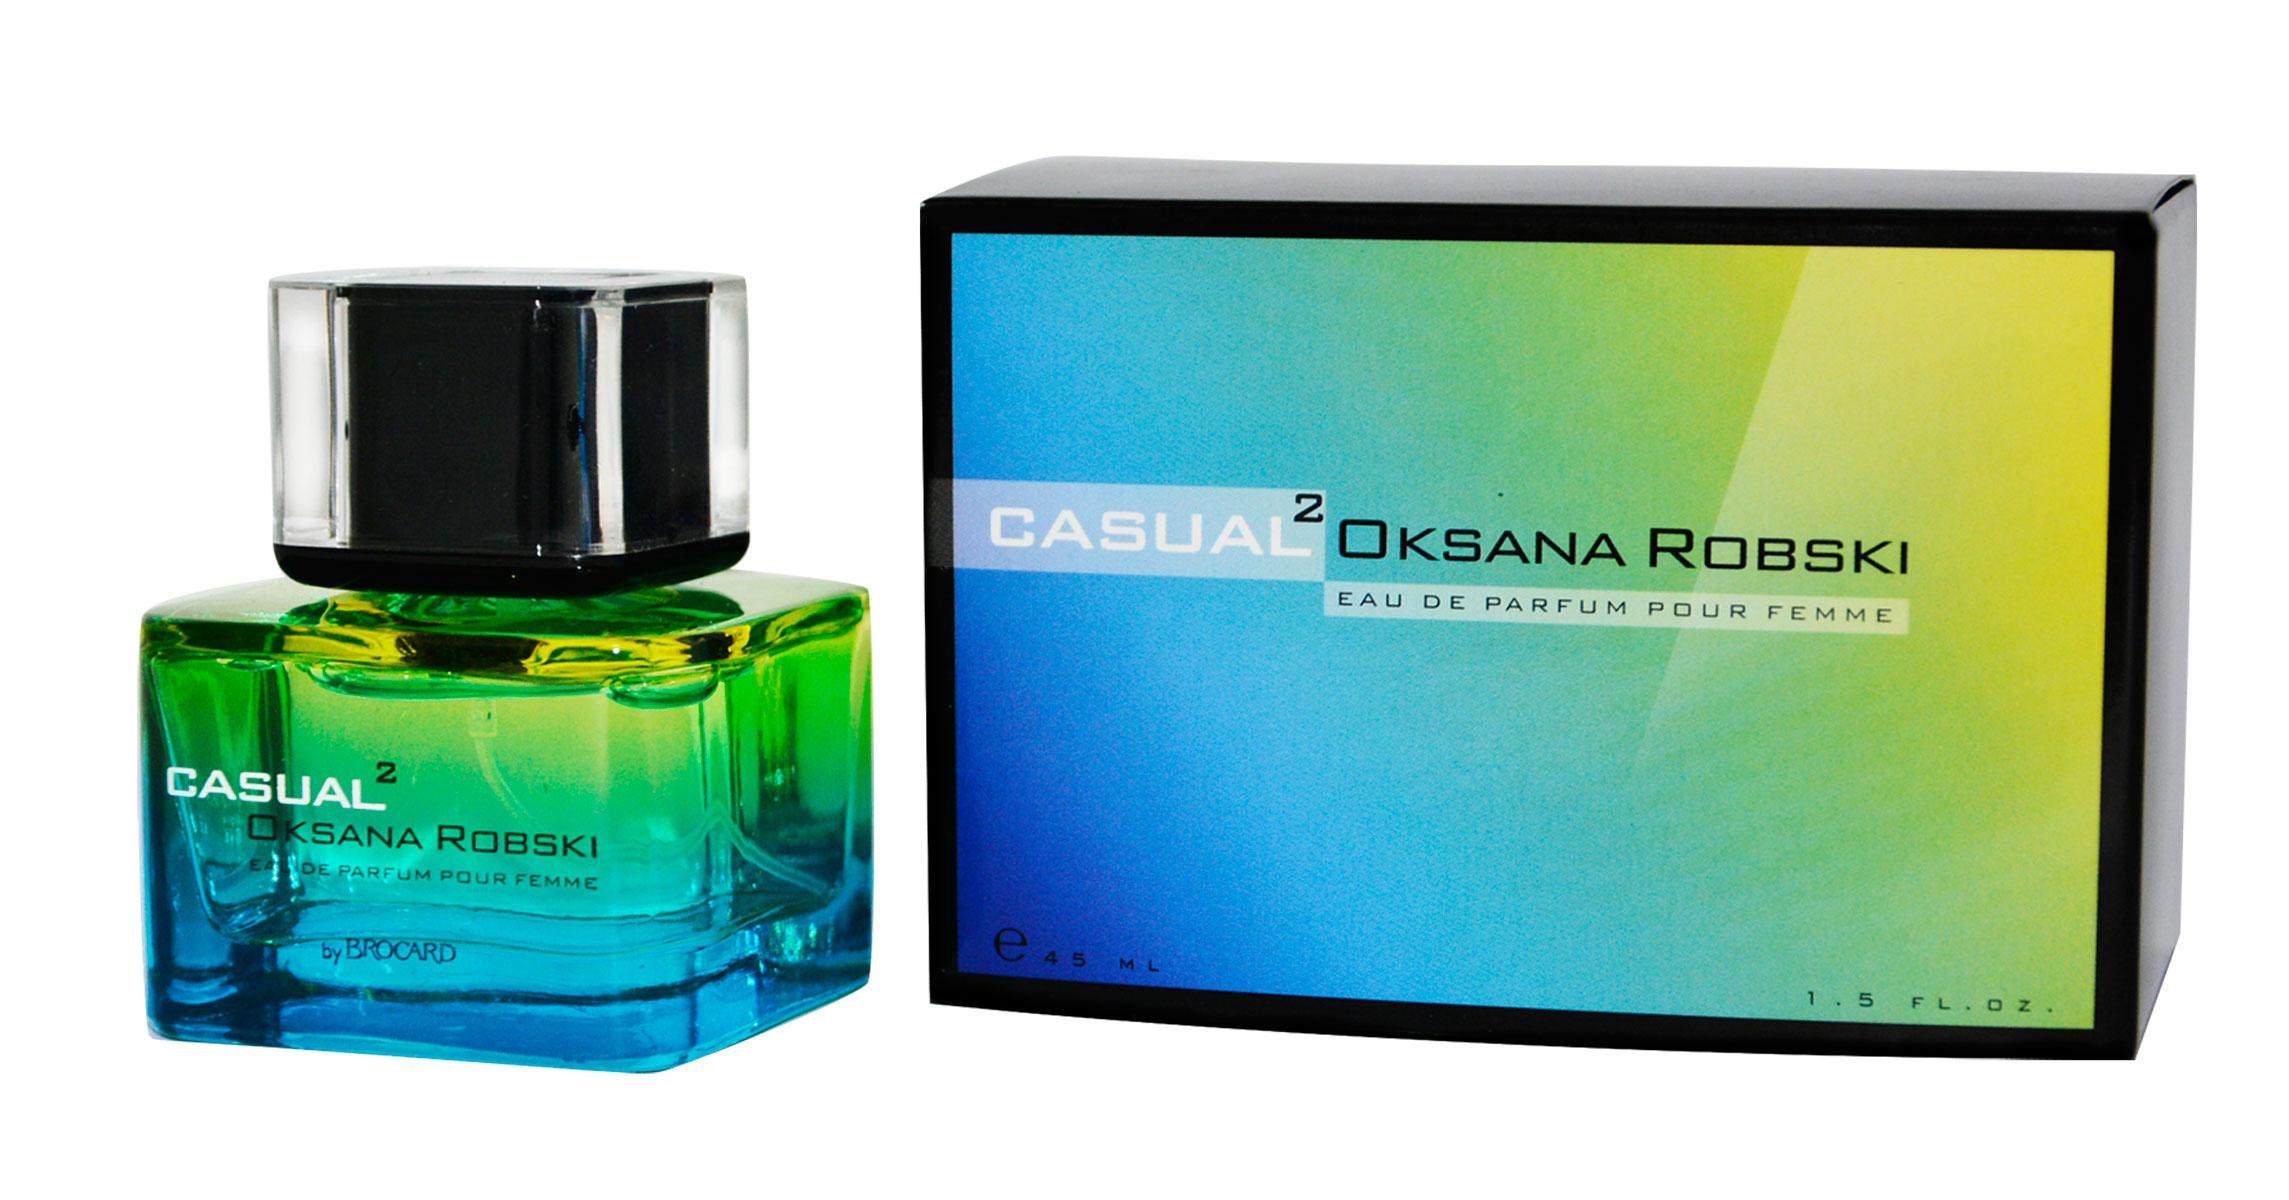 Brocard Oksana Robski Casual 2 парфюмерная вода для женщин, 45 мл81300Освежающий цитрусовый всплеск, фонтаны с чистейшей водой, яркая, сочная зелень. Аромат погружает нас в атмосферу удивительного, волшебного сада. Здесь запахи луговых цветов, ромашки, липового цвета и прозрачной кристальной воды, дополненные тропическим сладким теплом иланг-иланг и нежным ароматом утренней розы. Драгоценное розовое дерево, пудровая мягкость гелиотропа создают несравненный пленительный шлейф.